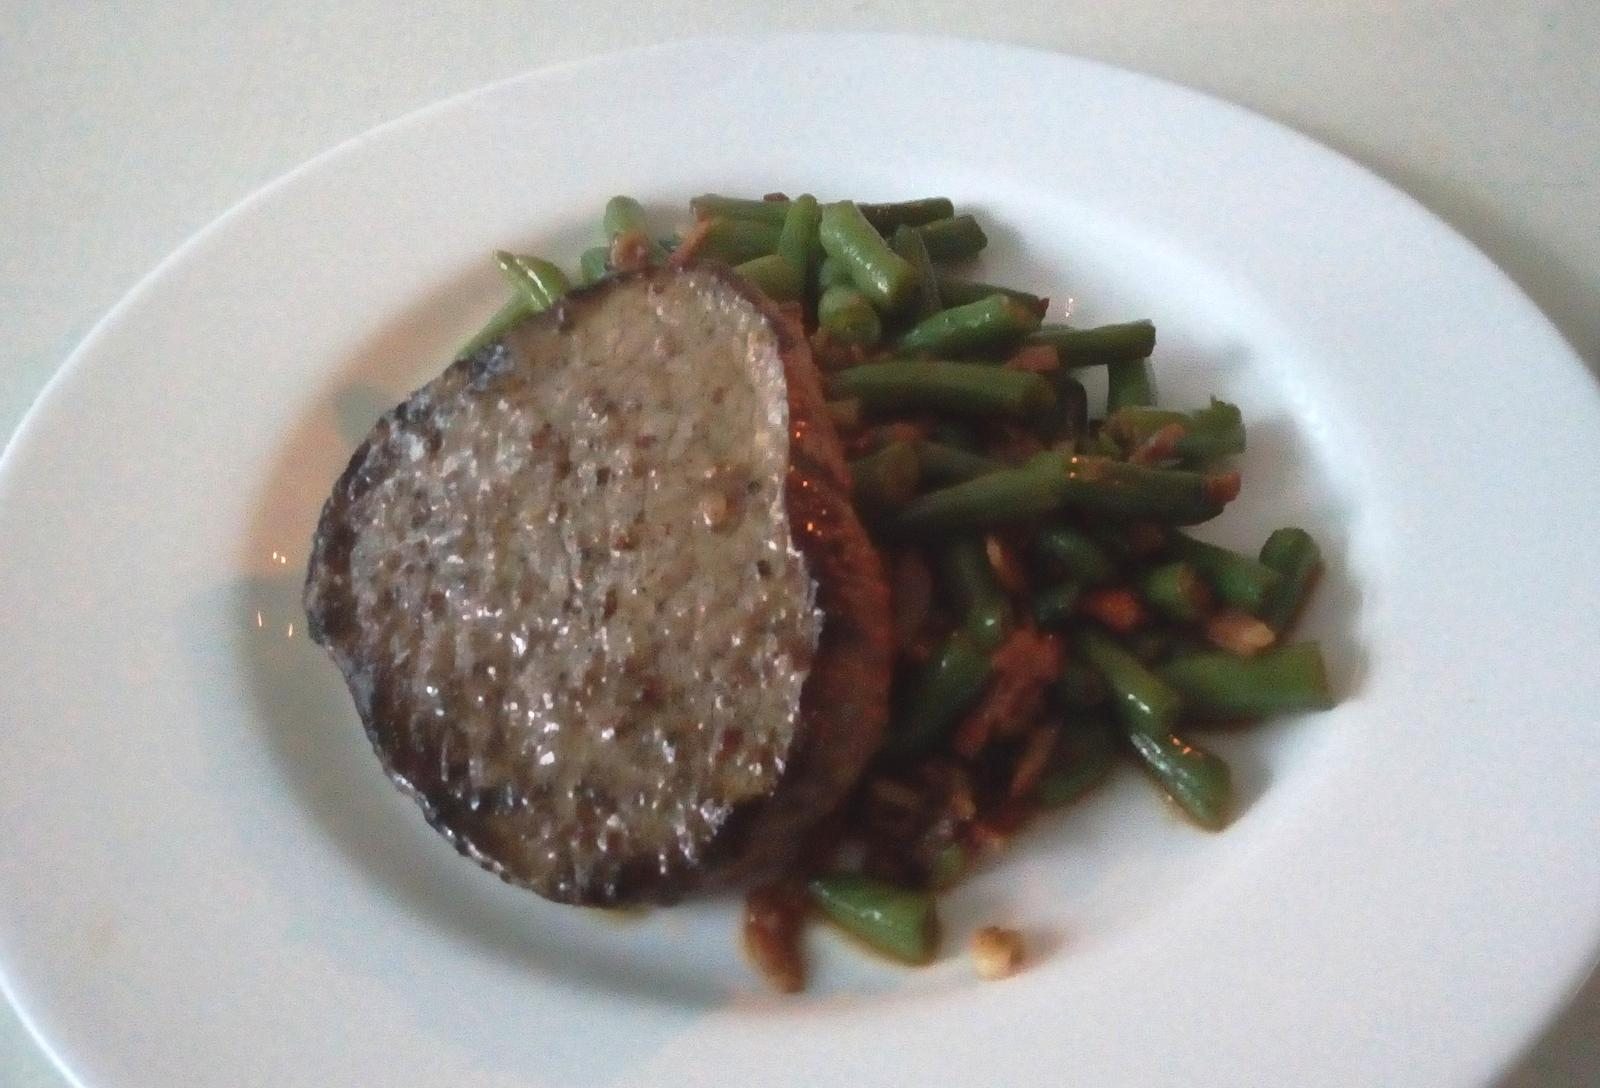 Hokus pokus v kuchyni - Hovězí steak z falešné svíčkové a fazolové lusky na slanině s česnekem .... aneb jak rozmazlit chlapa snadno a rychle :-)